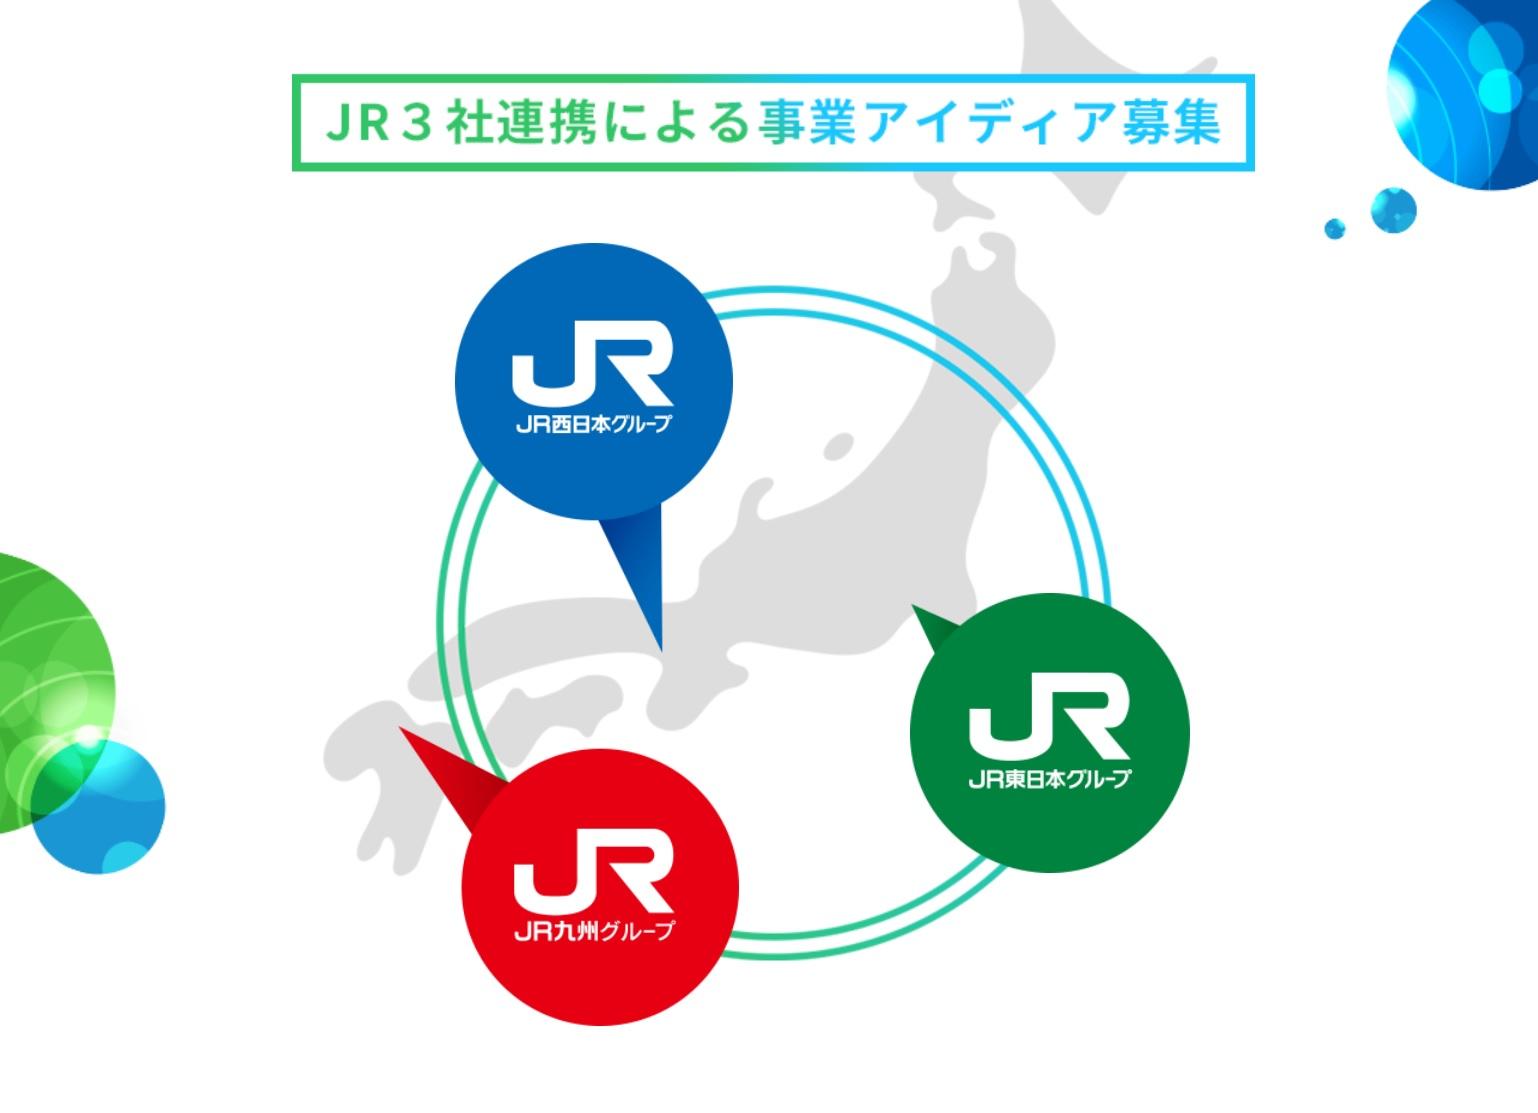 JR東・JR西・JR九州のコラボでスタートアップと共創します!